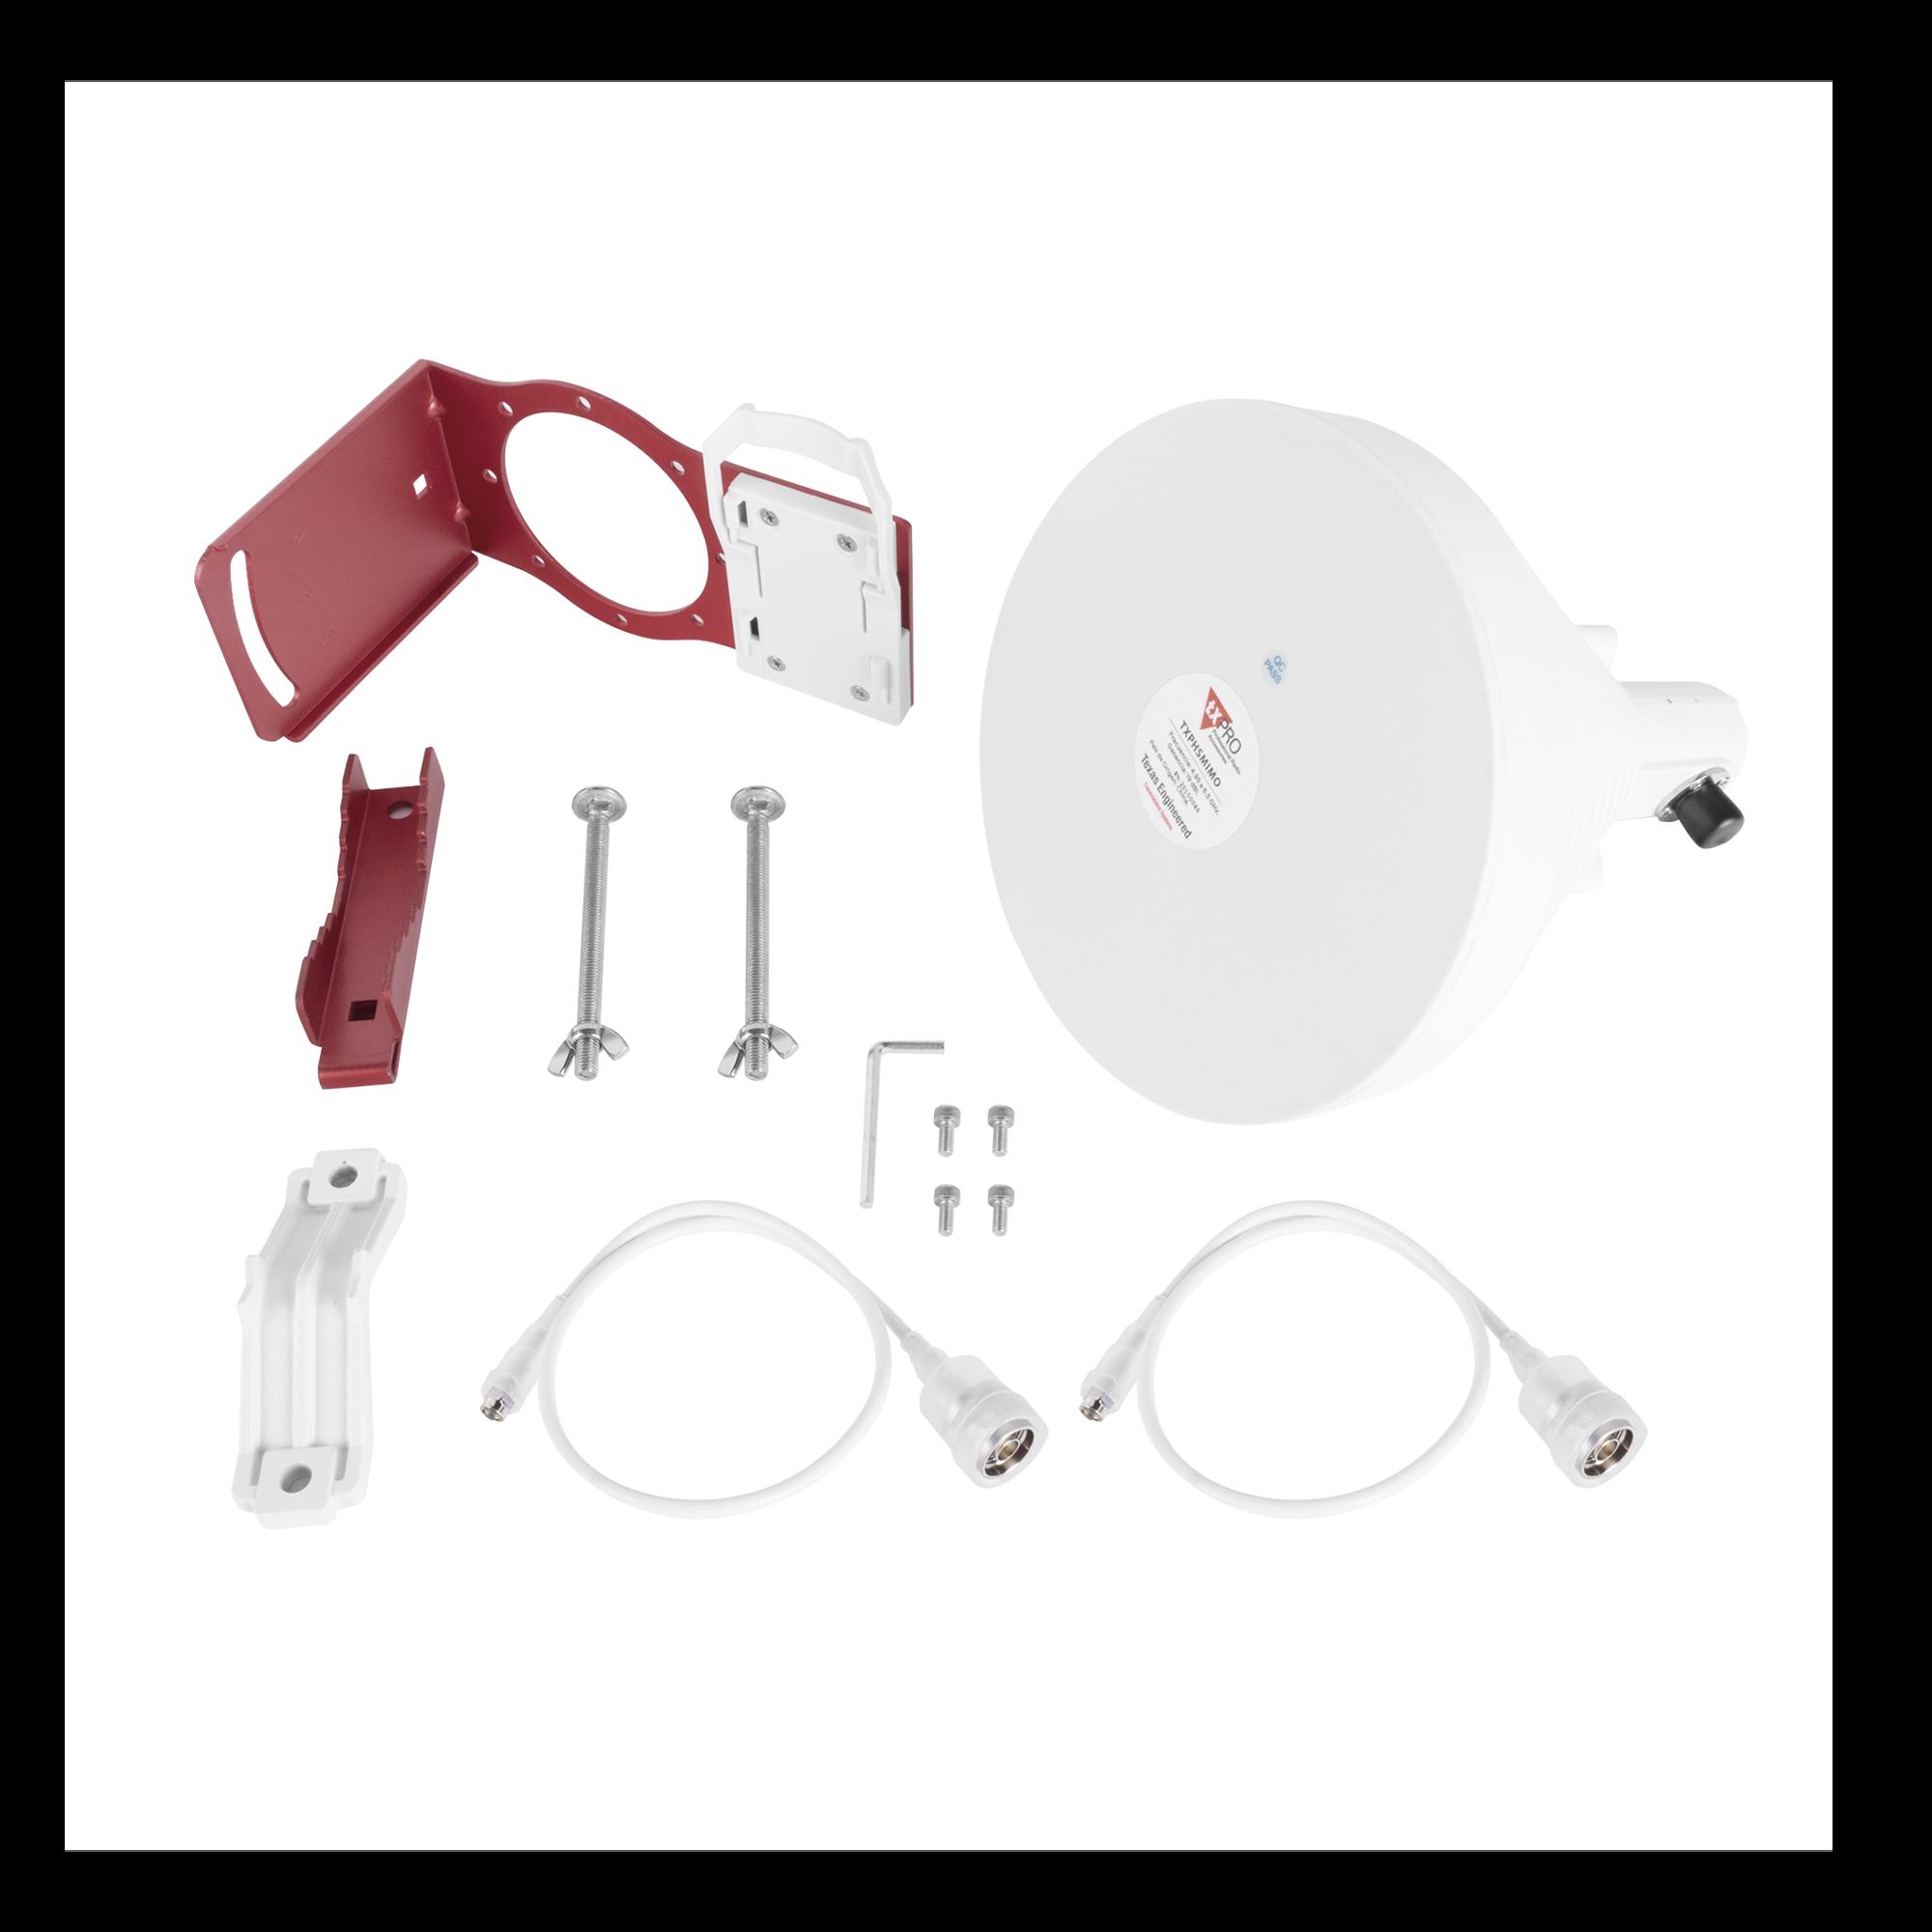 Antena Sectorial Simétrica de 30 ?, 19 dBi, 4.9-6.5 GHz, Ideal para ambientes de alto ruido,  Tipo de conector N-Hembra, con montaje y jumpers incluidos